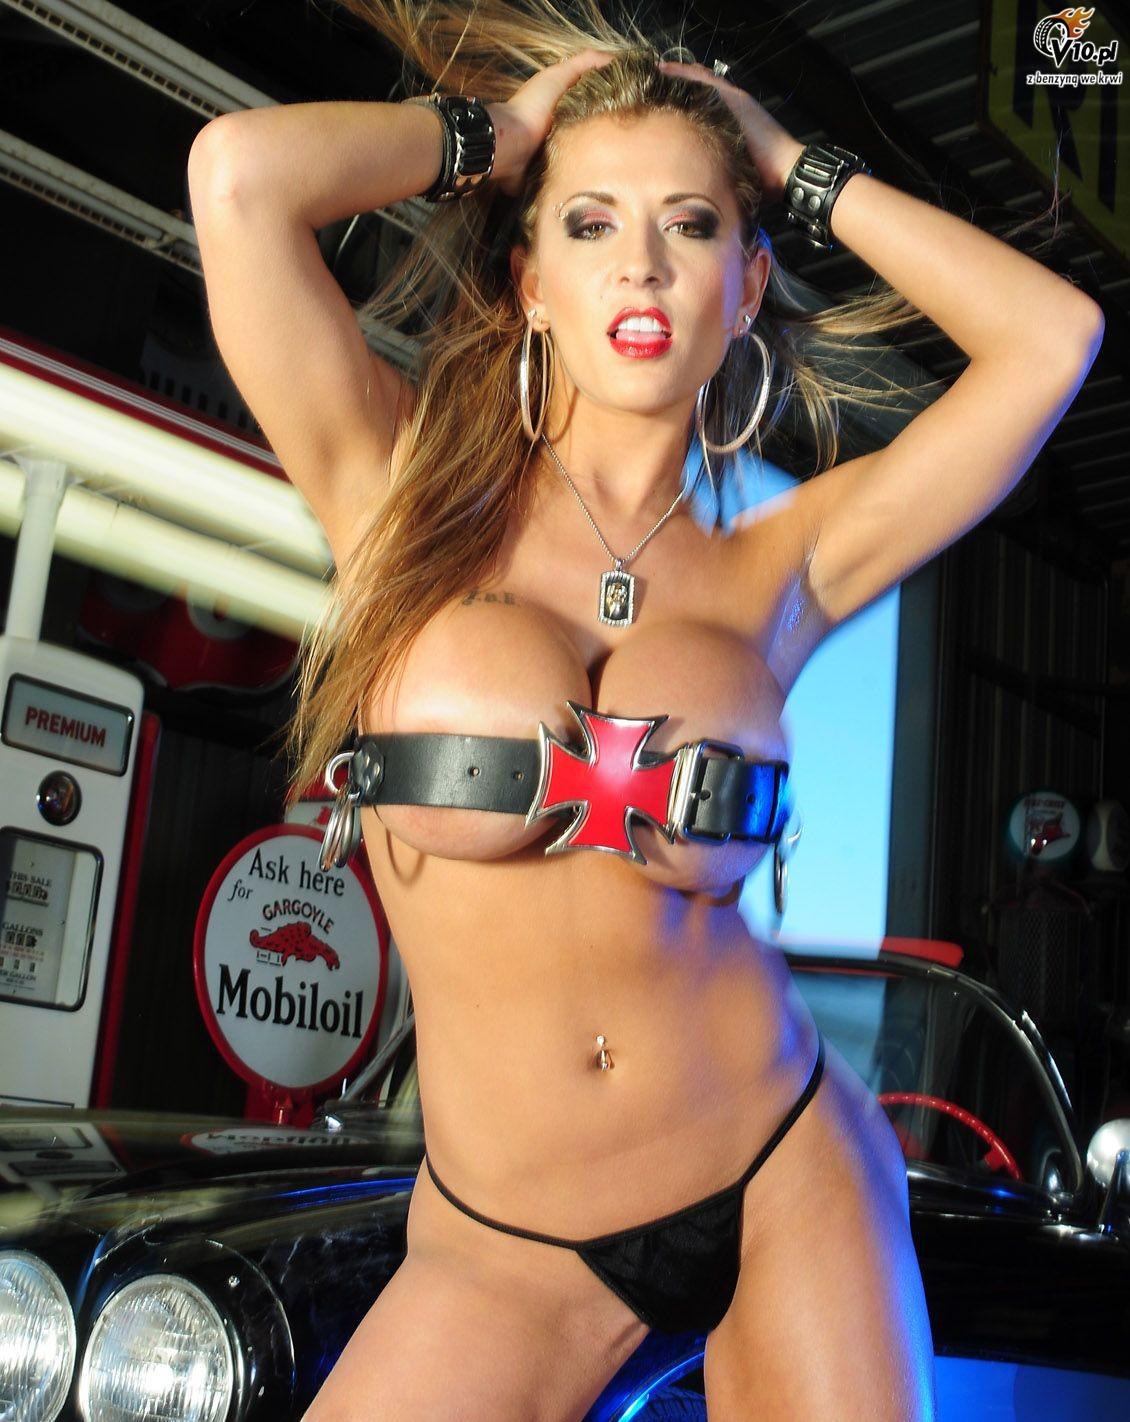 http://www.v10.pl/archiwum/galeria/amerykany/valerie_corvette_C1/valerie_corvette_c1_65.jpg